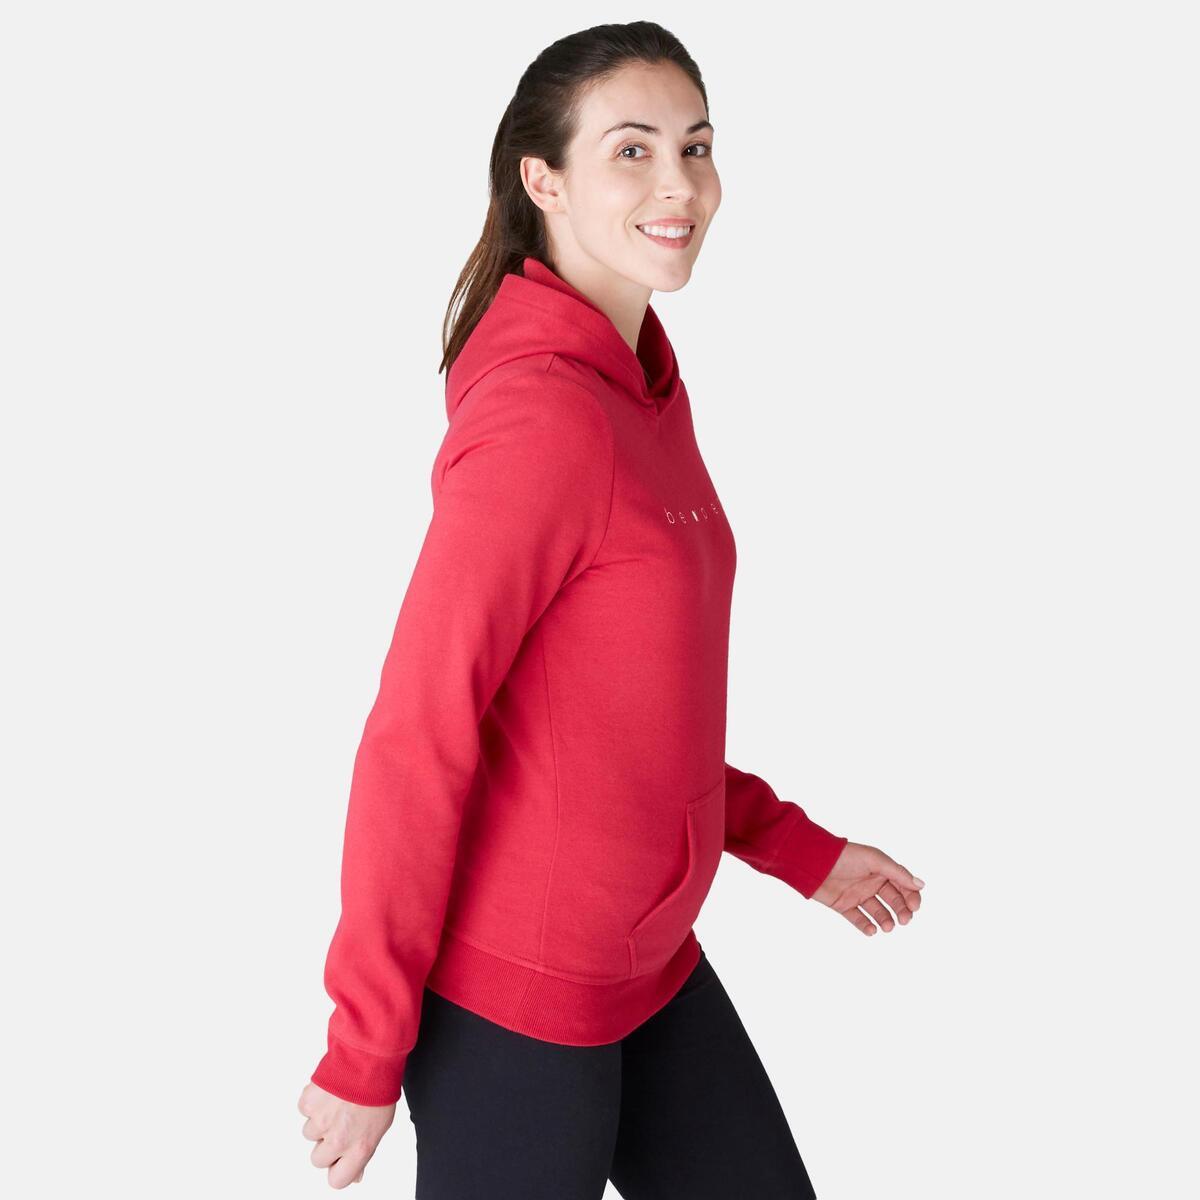 Bild 1 von Kapuzenpullover 520 Pilates sanfte Gymnastik Damen rot